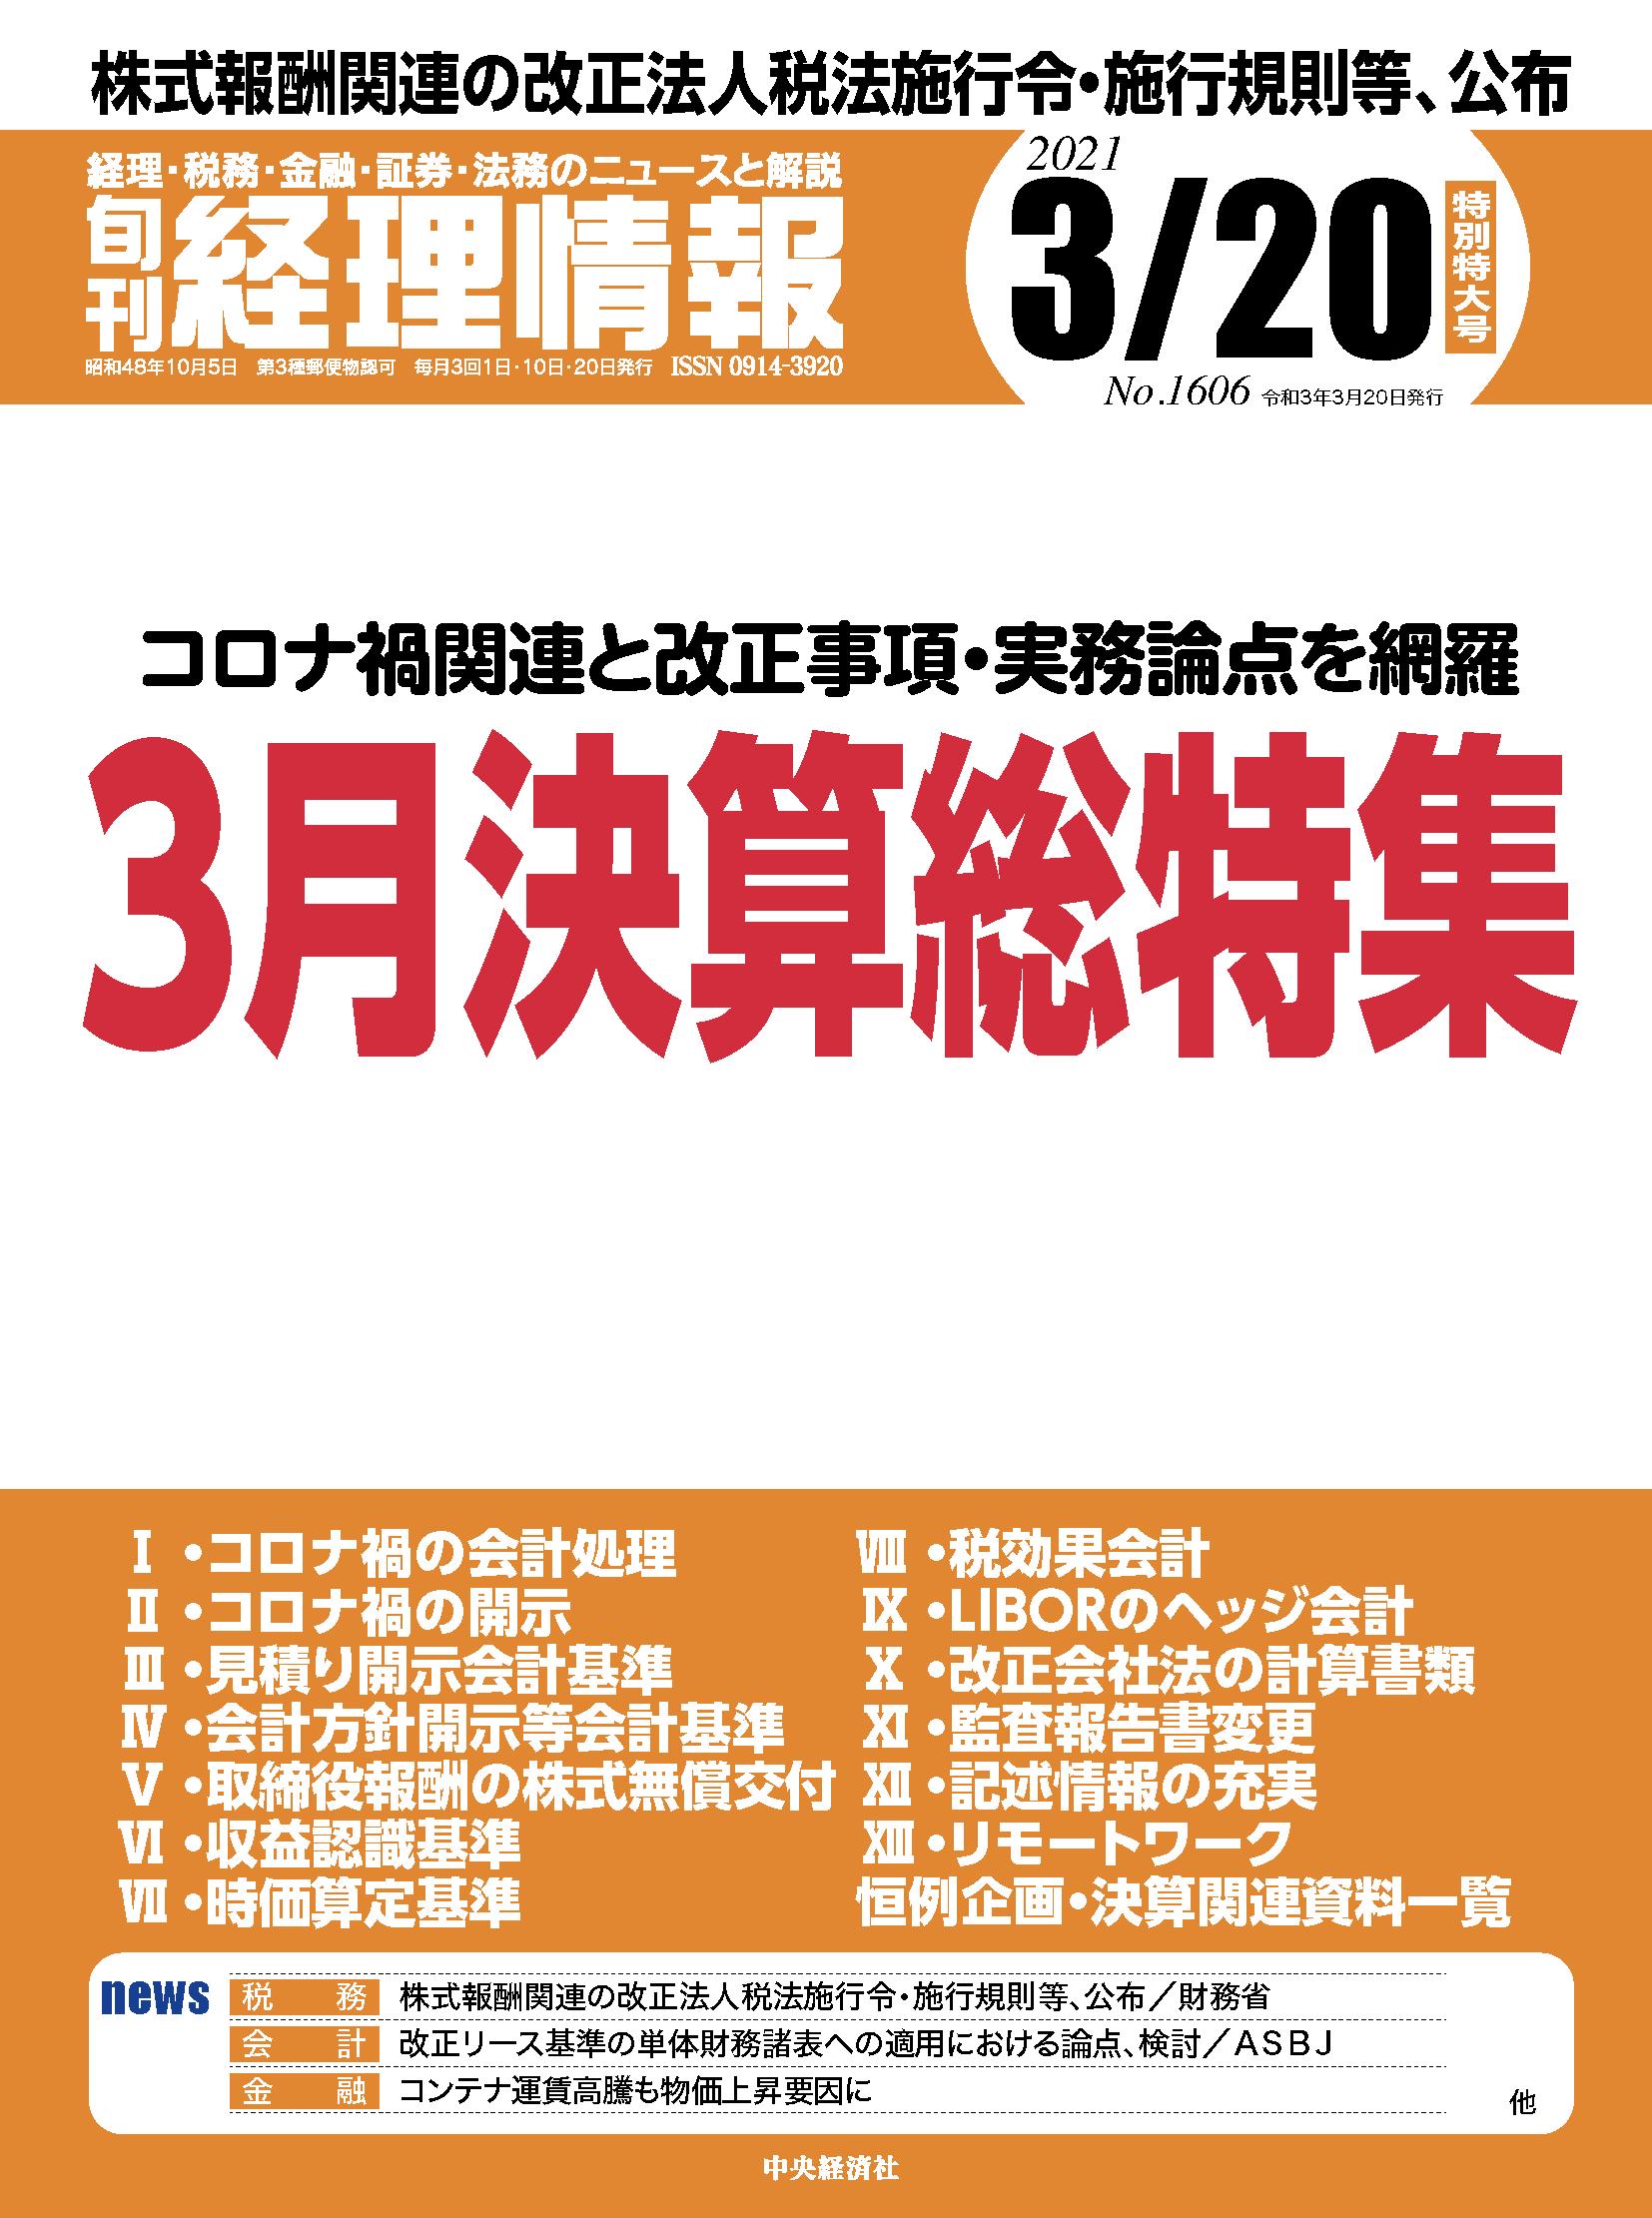 旬刊経理情報2021年 3月20日特別特大号